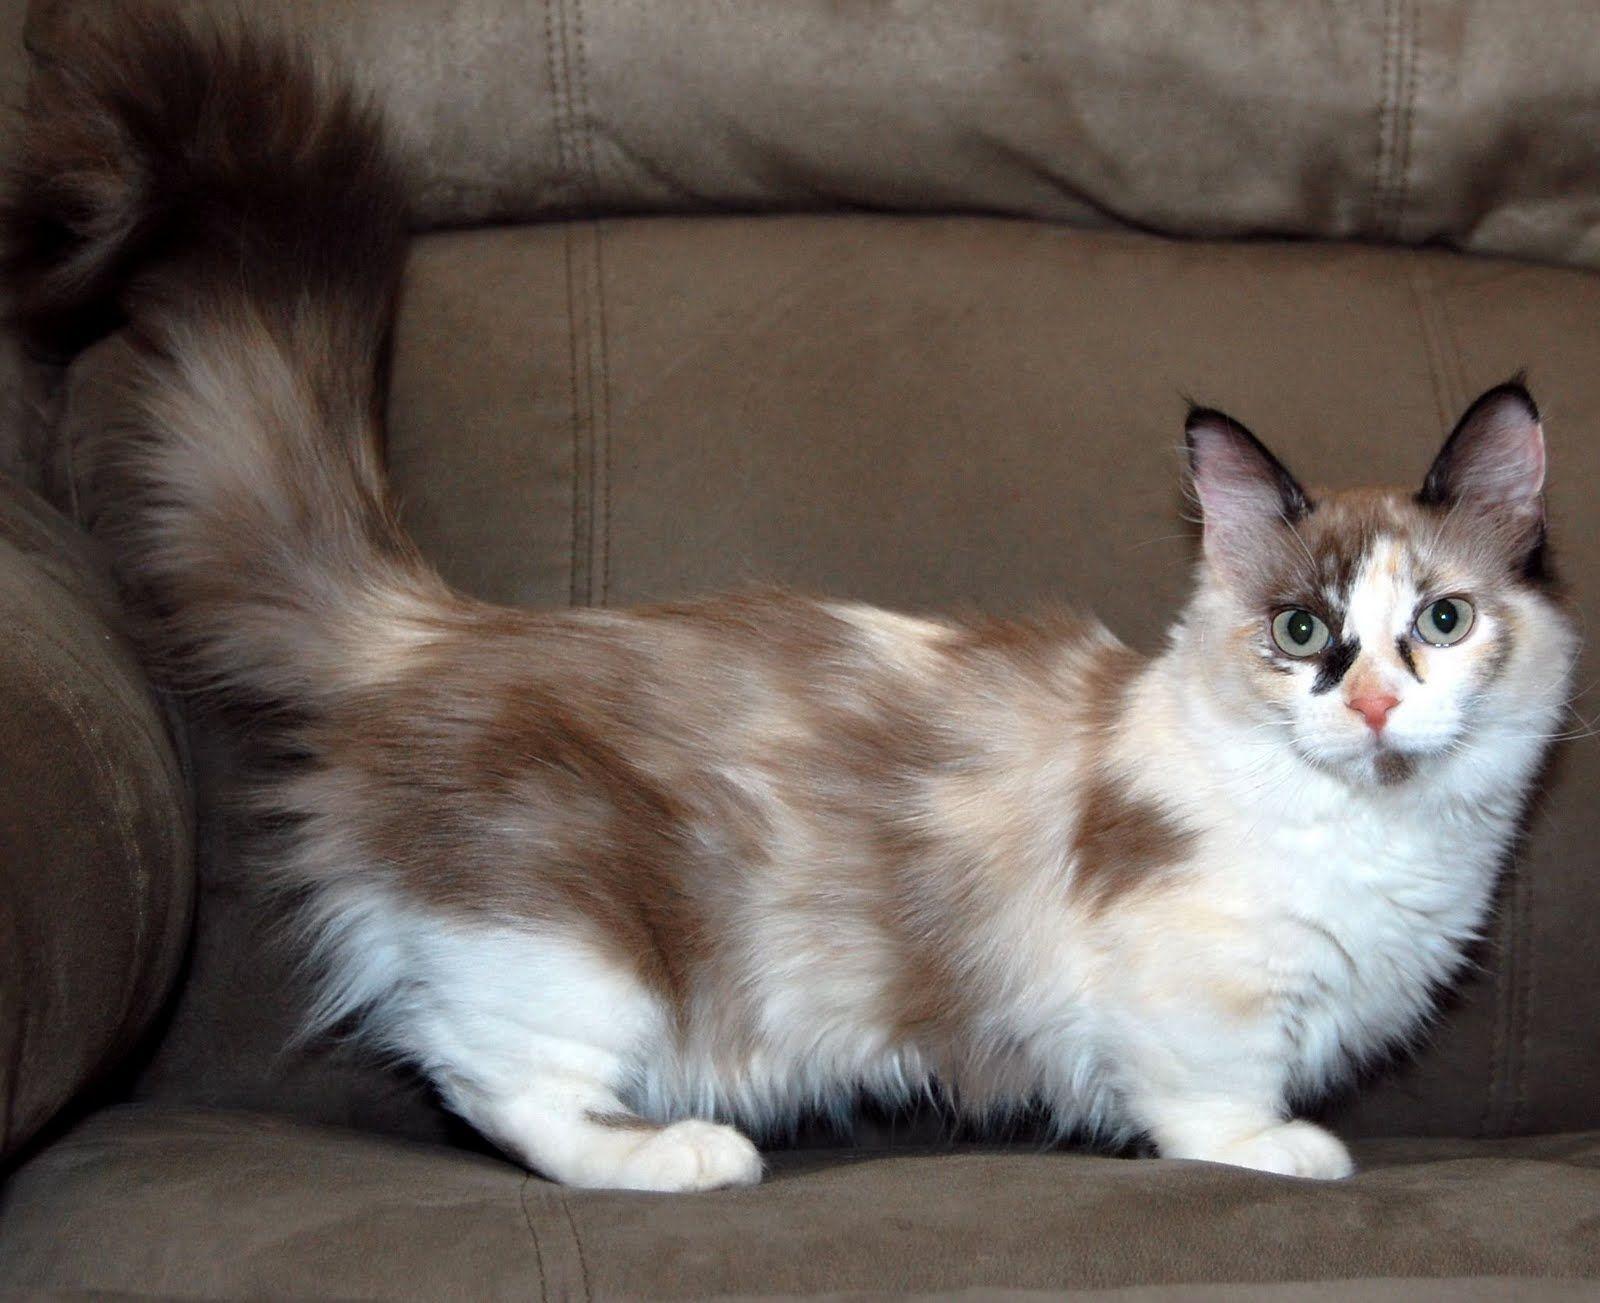 Munchkin Cat Fun Animals Wiki Videos Pictures Stories Munchkin Cat Munchkin Kitten Cat Breeds